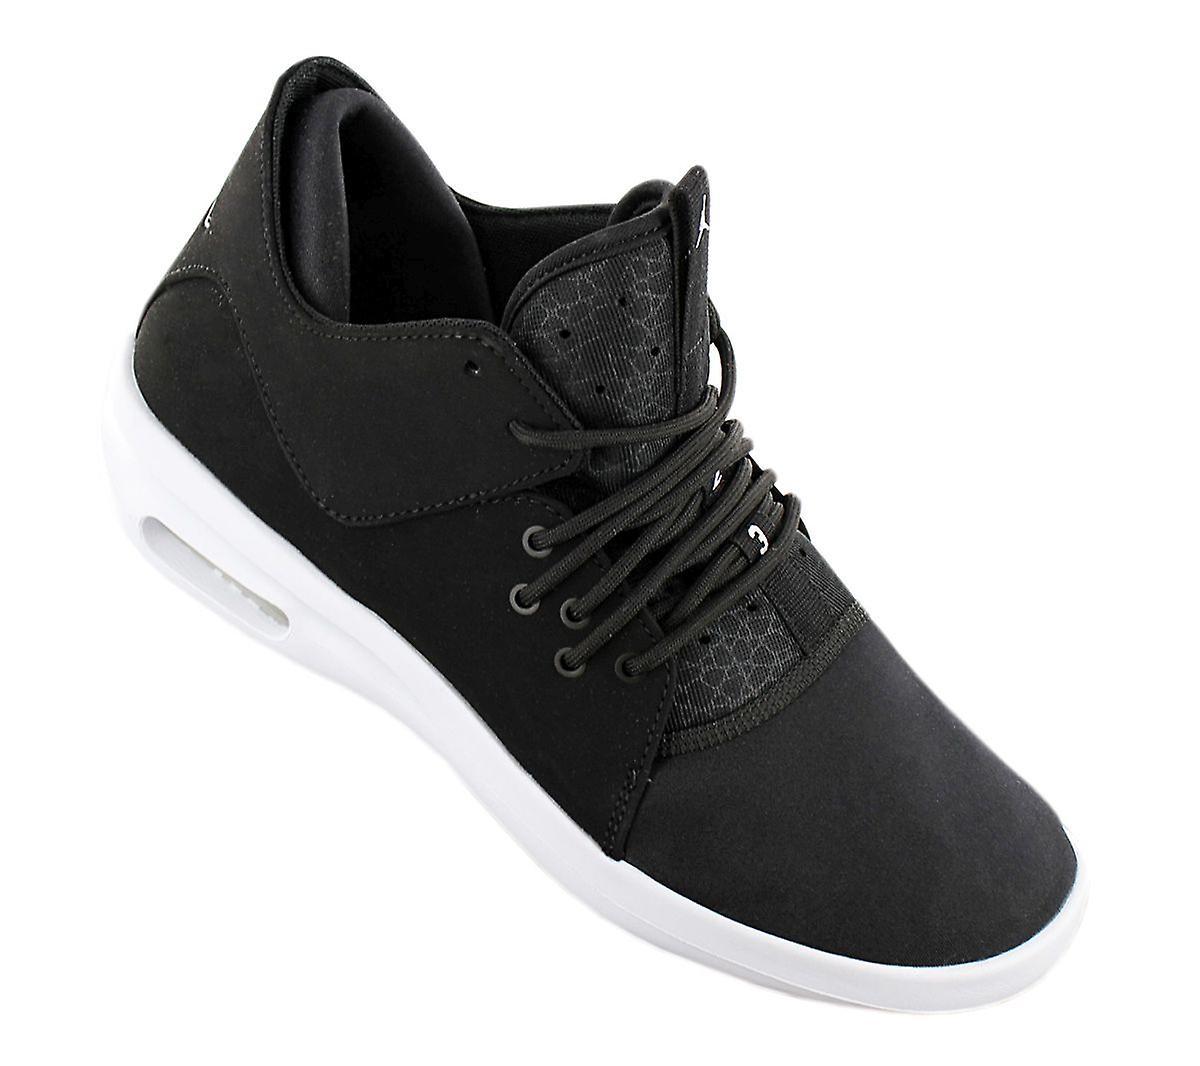 AIR JORDAN FIRST CLASS - Chaussures Hommes Chaussures Noires AJ7312-010 Sneakers Chaussures de sport - Remise particulière